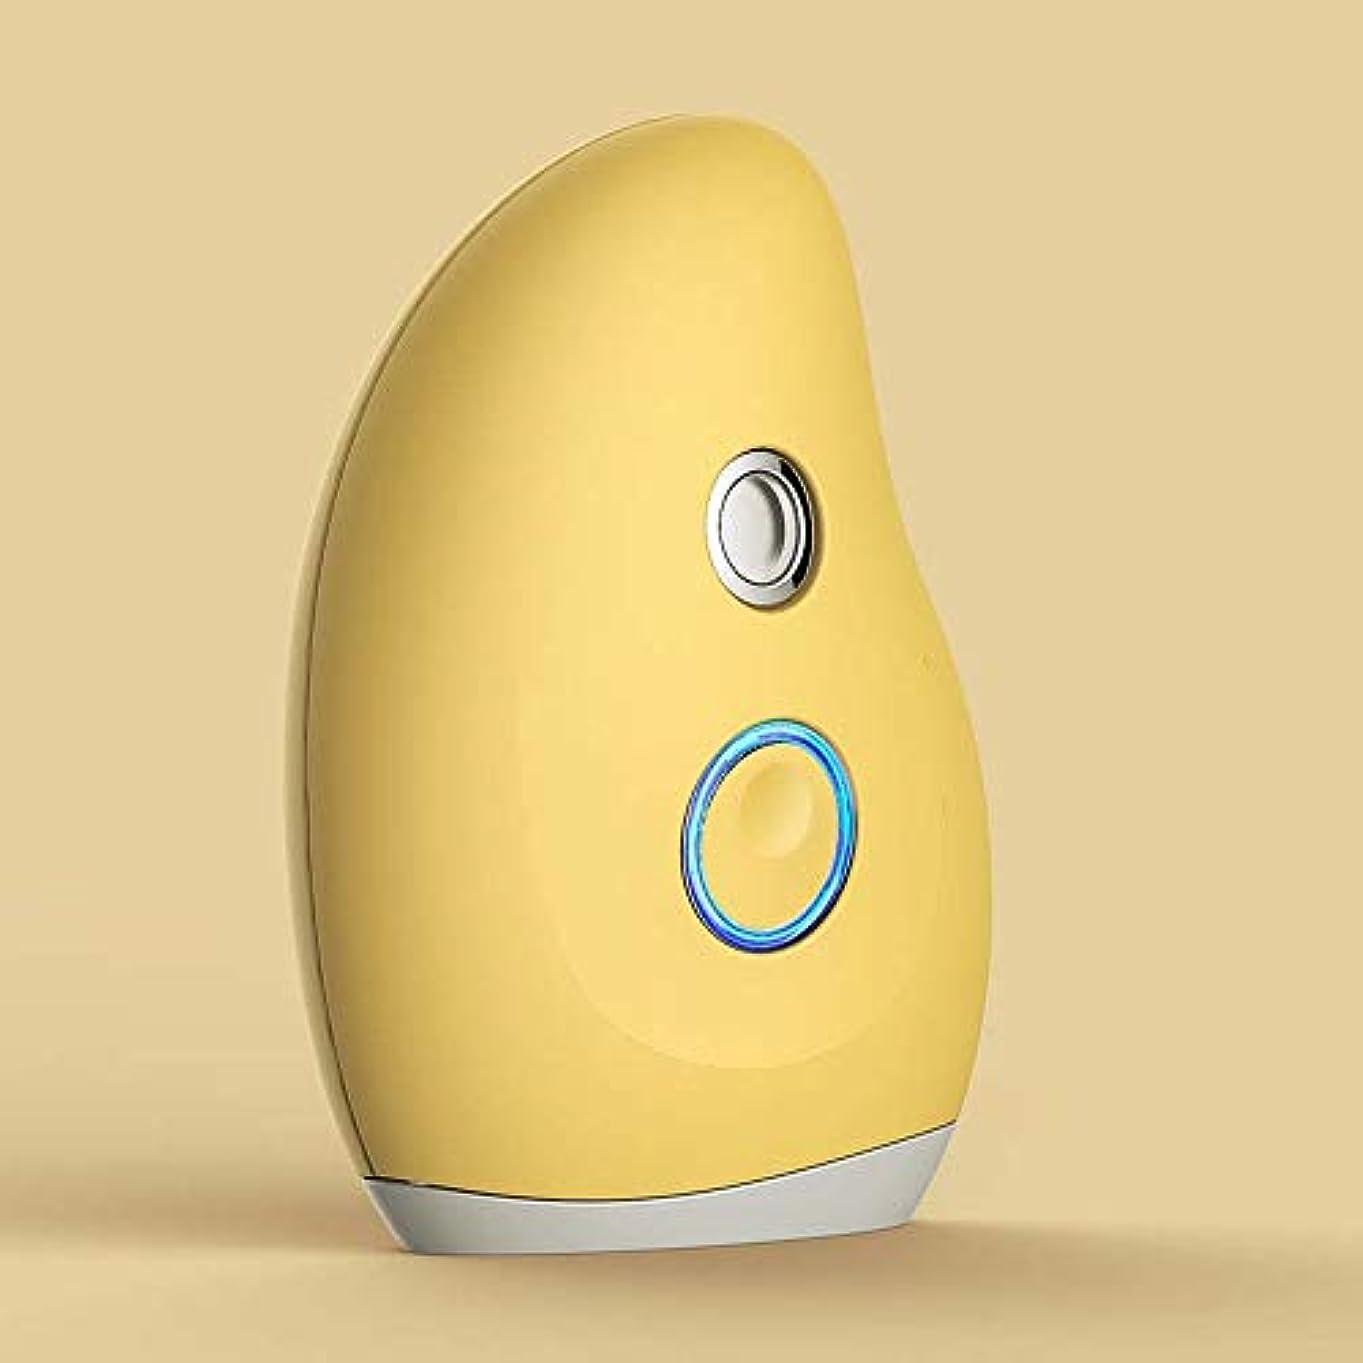 バースト涙が出る非行ZXF ナノハンドヘルドスプレーポータブル水分補給美容器具マンゴー形状コールドスプレースチーマーABS材料赤セクション黄色セクション 滑らかである (色 : Yellow)